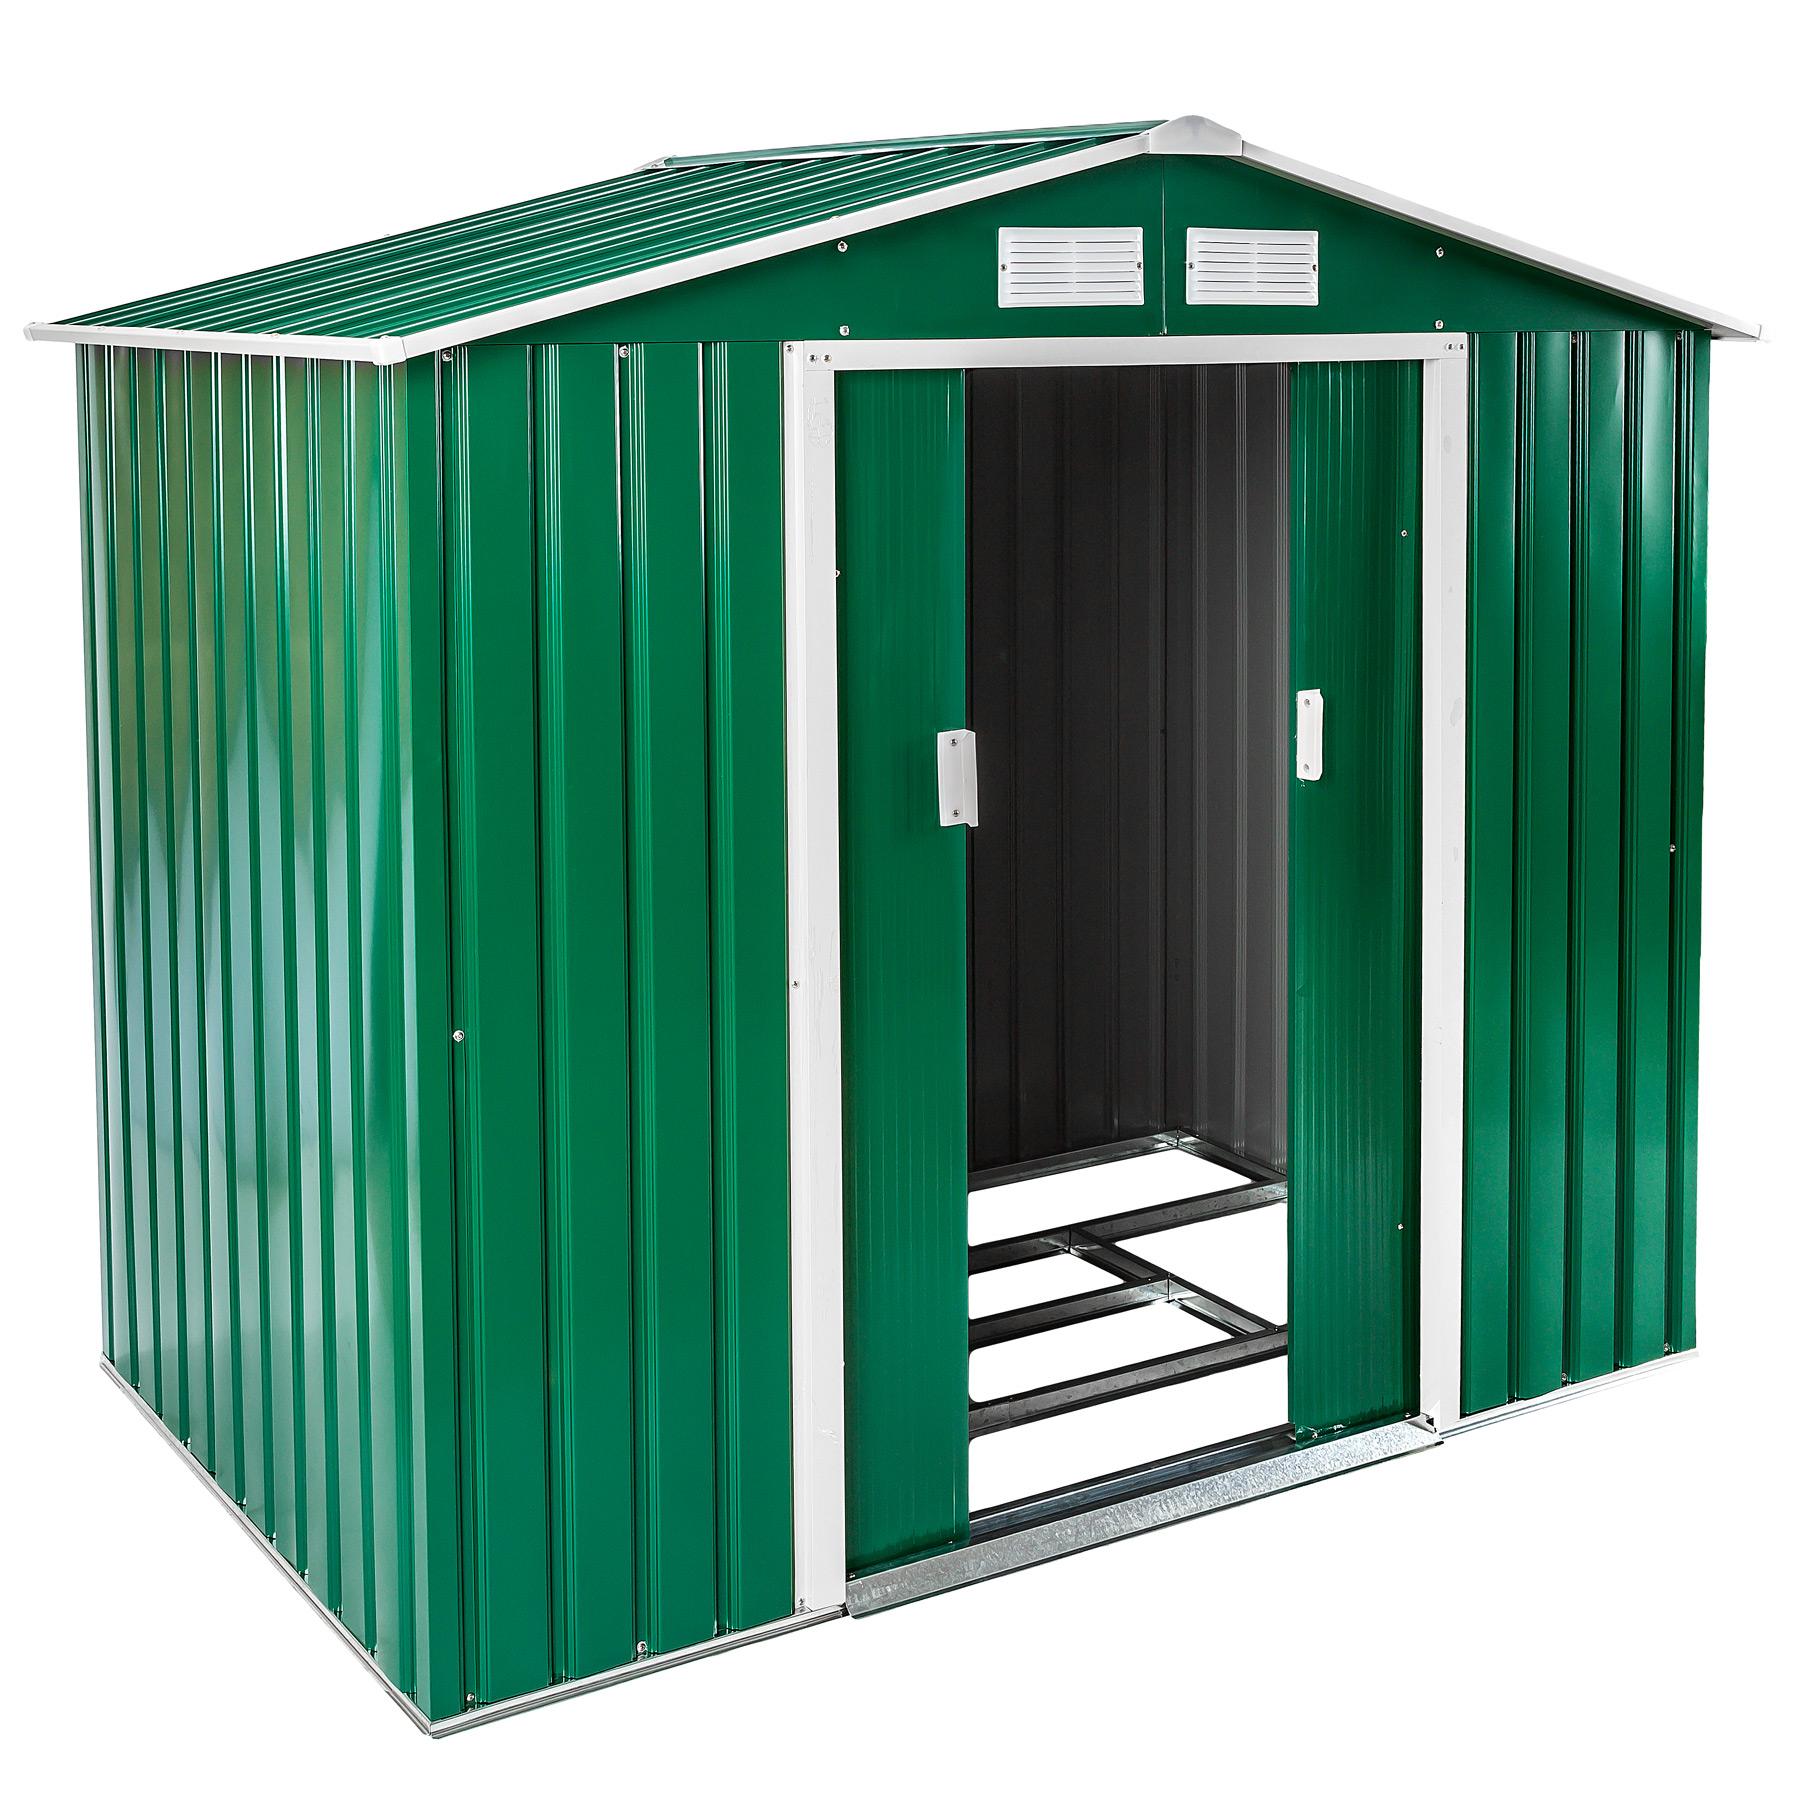 Gartenhaus mit Satteldach grün günstig online kaufen